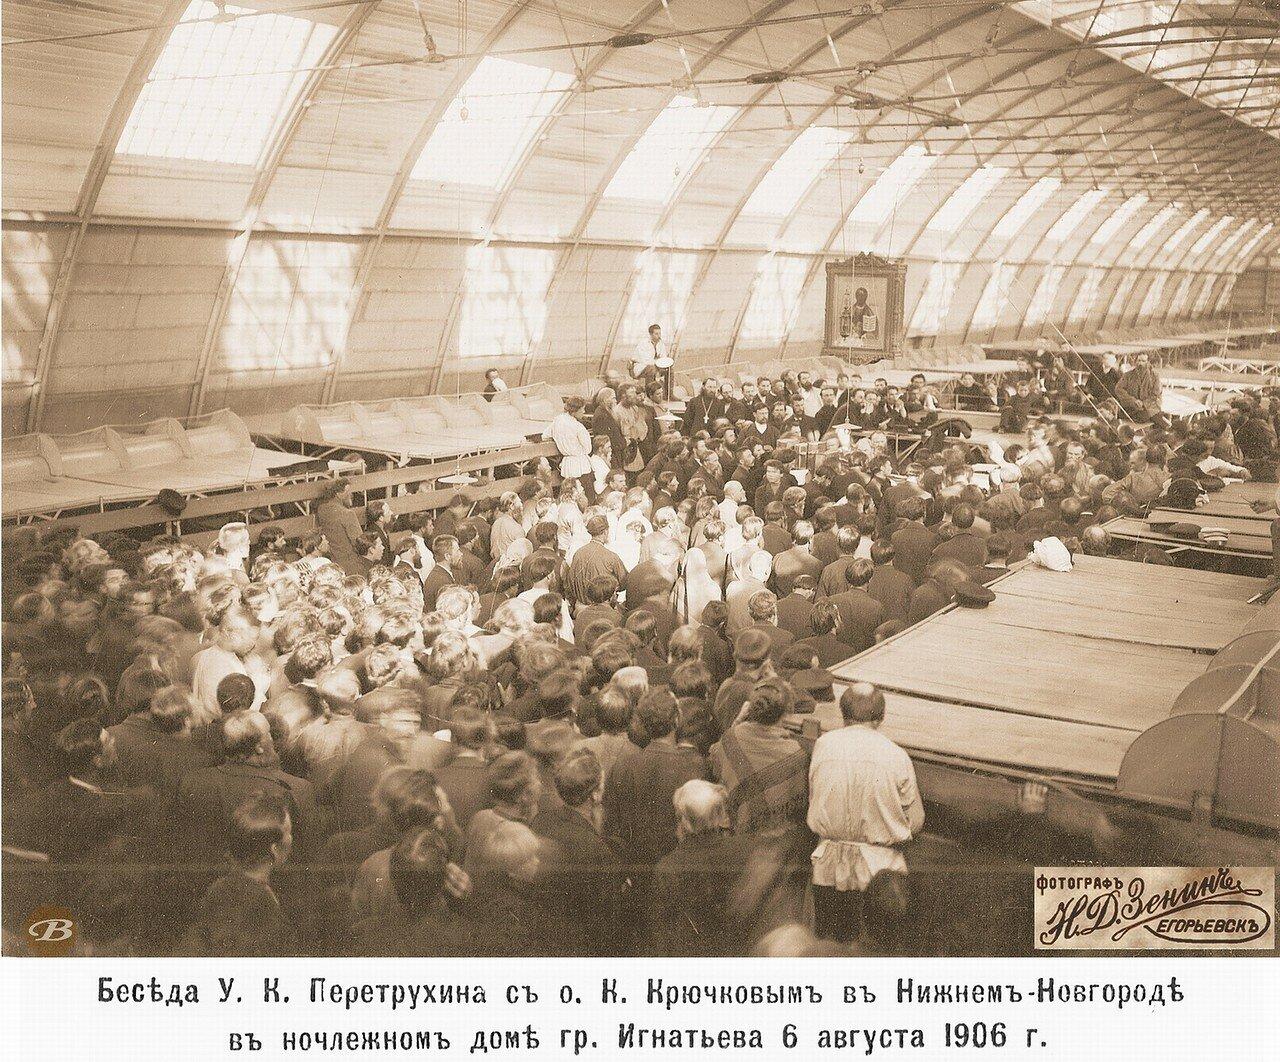 Беседа У.К. Перетрухина с о.К.Крючковым в Нижнем Новгороде а ночлежном доме гр.Игнатьева 6 августа 1906